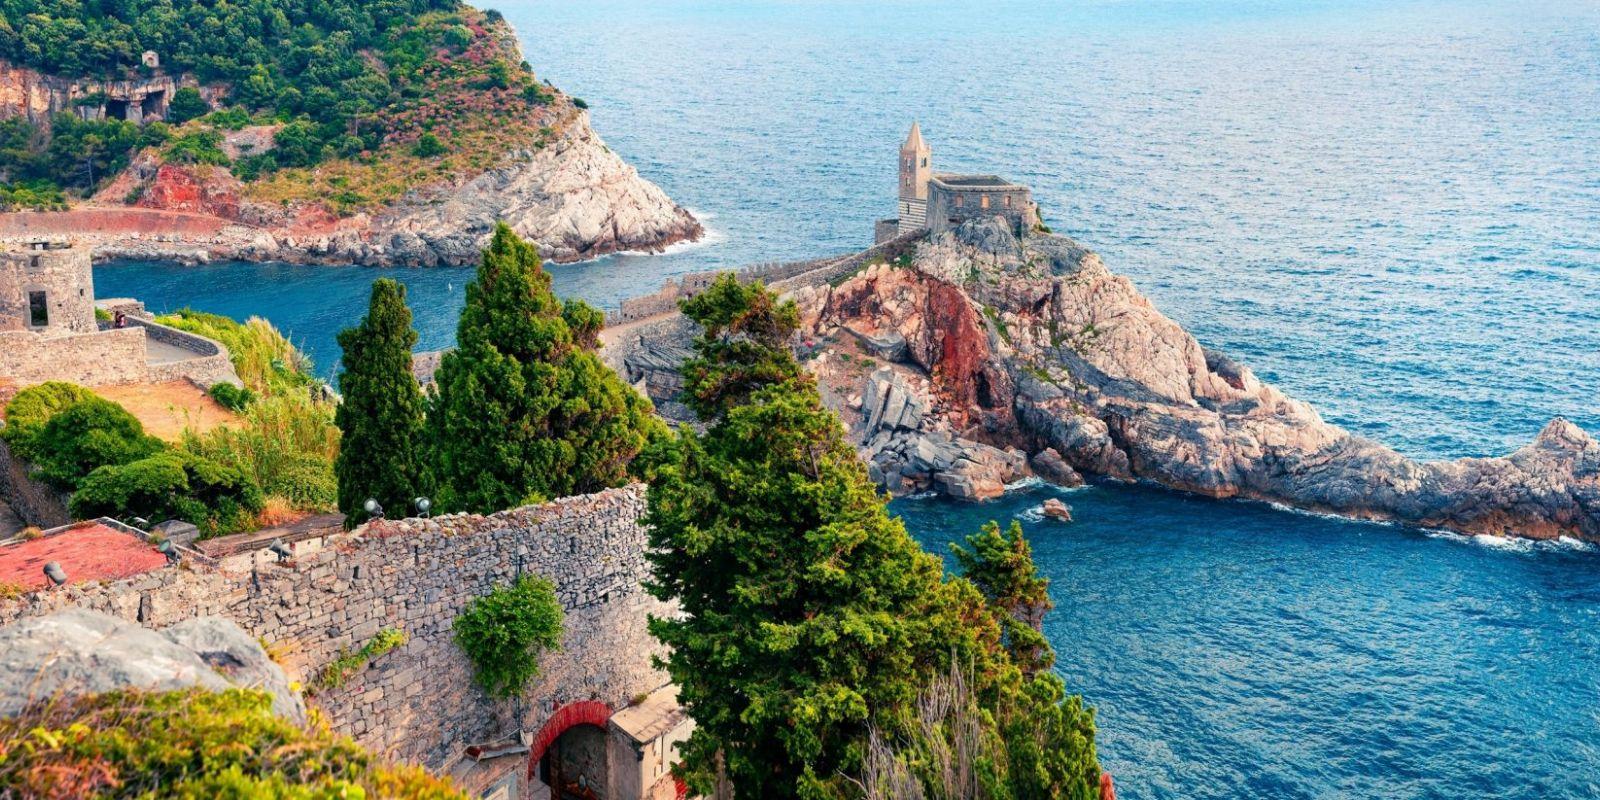 https://www.talamare.fr/medias/Location yacht Côte d'Azur Riviera italienne, louer un yacht dans le sud de la France et sur la Riviera italienne